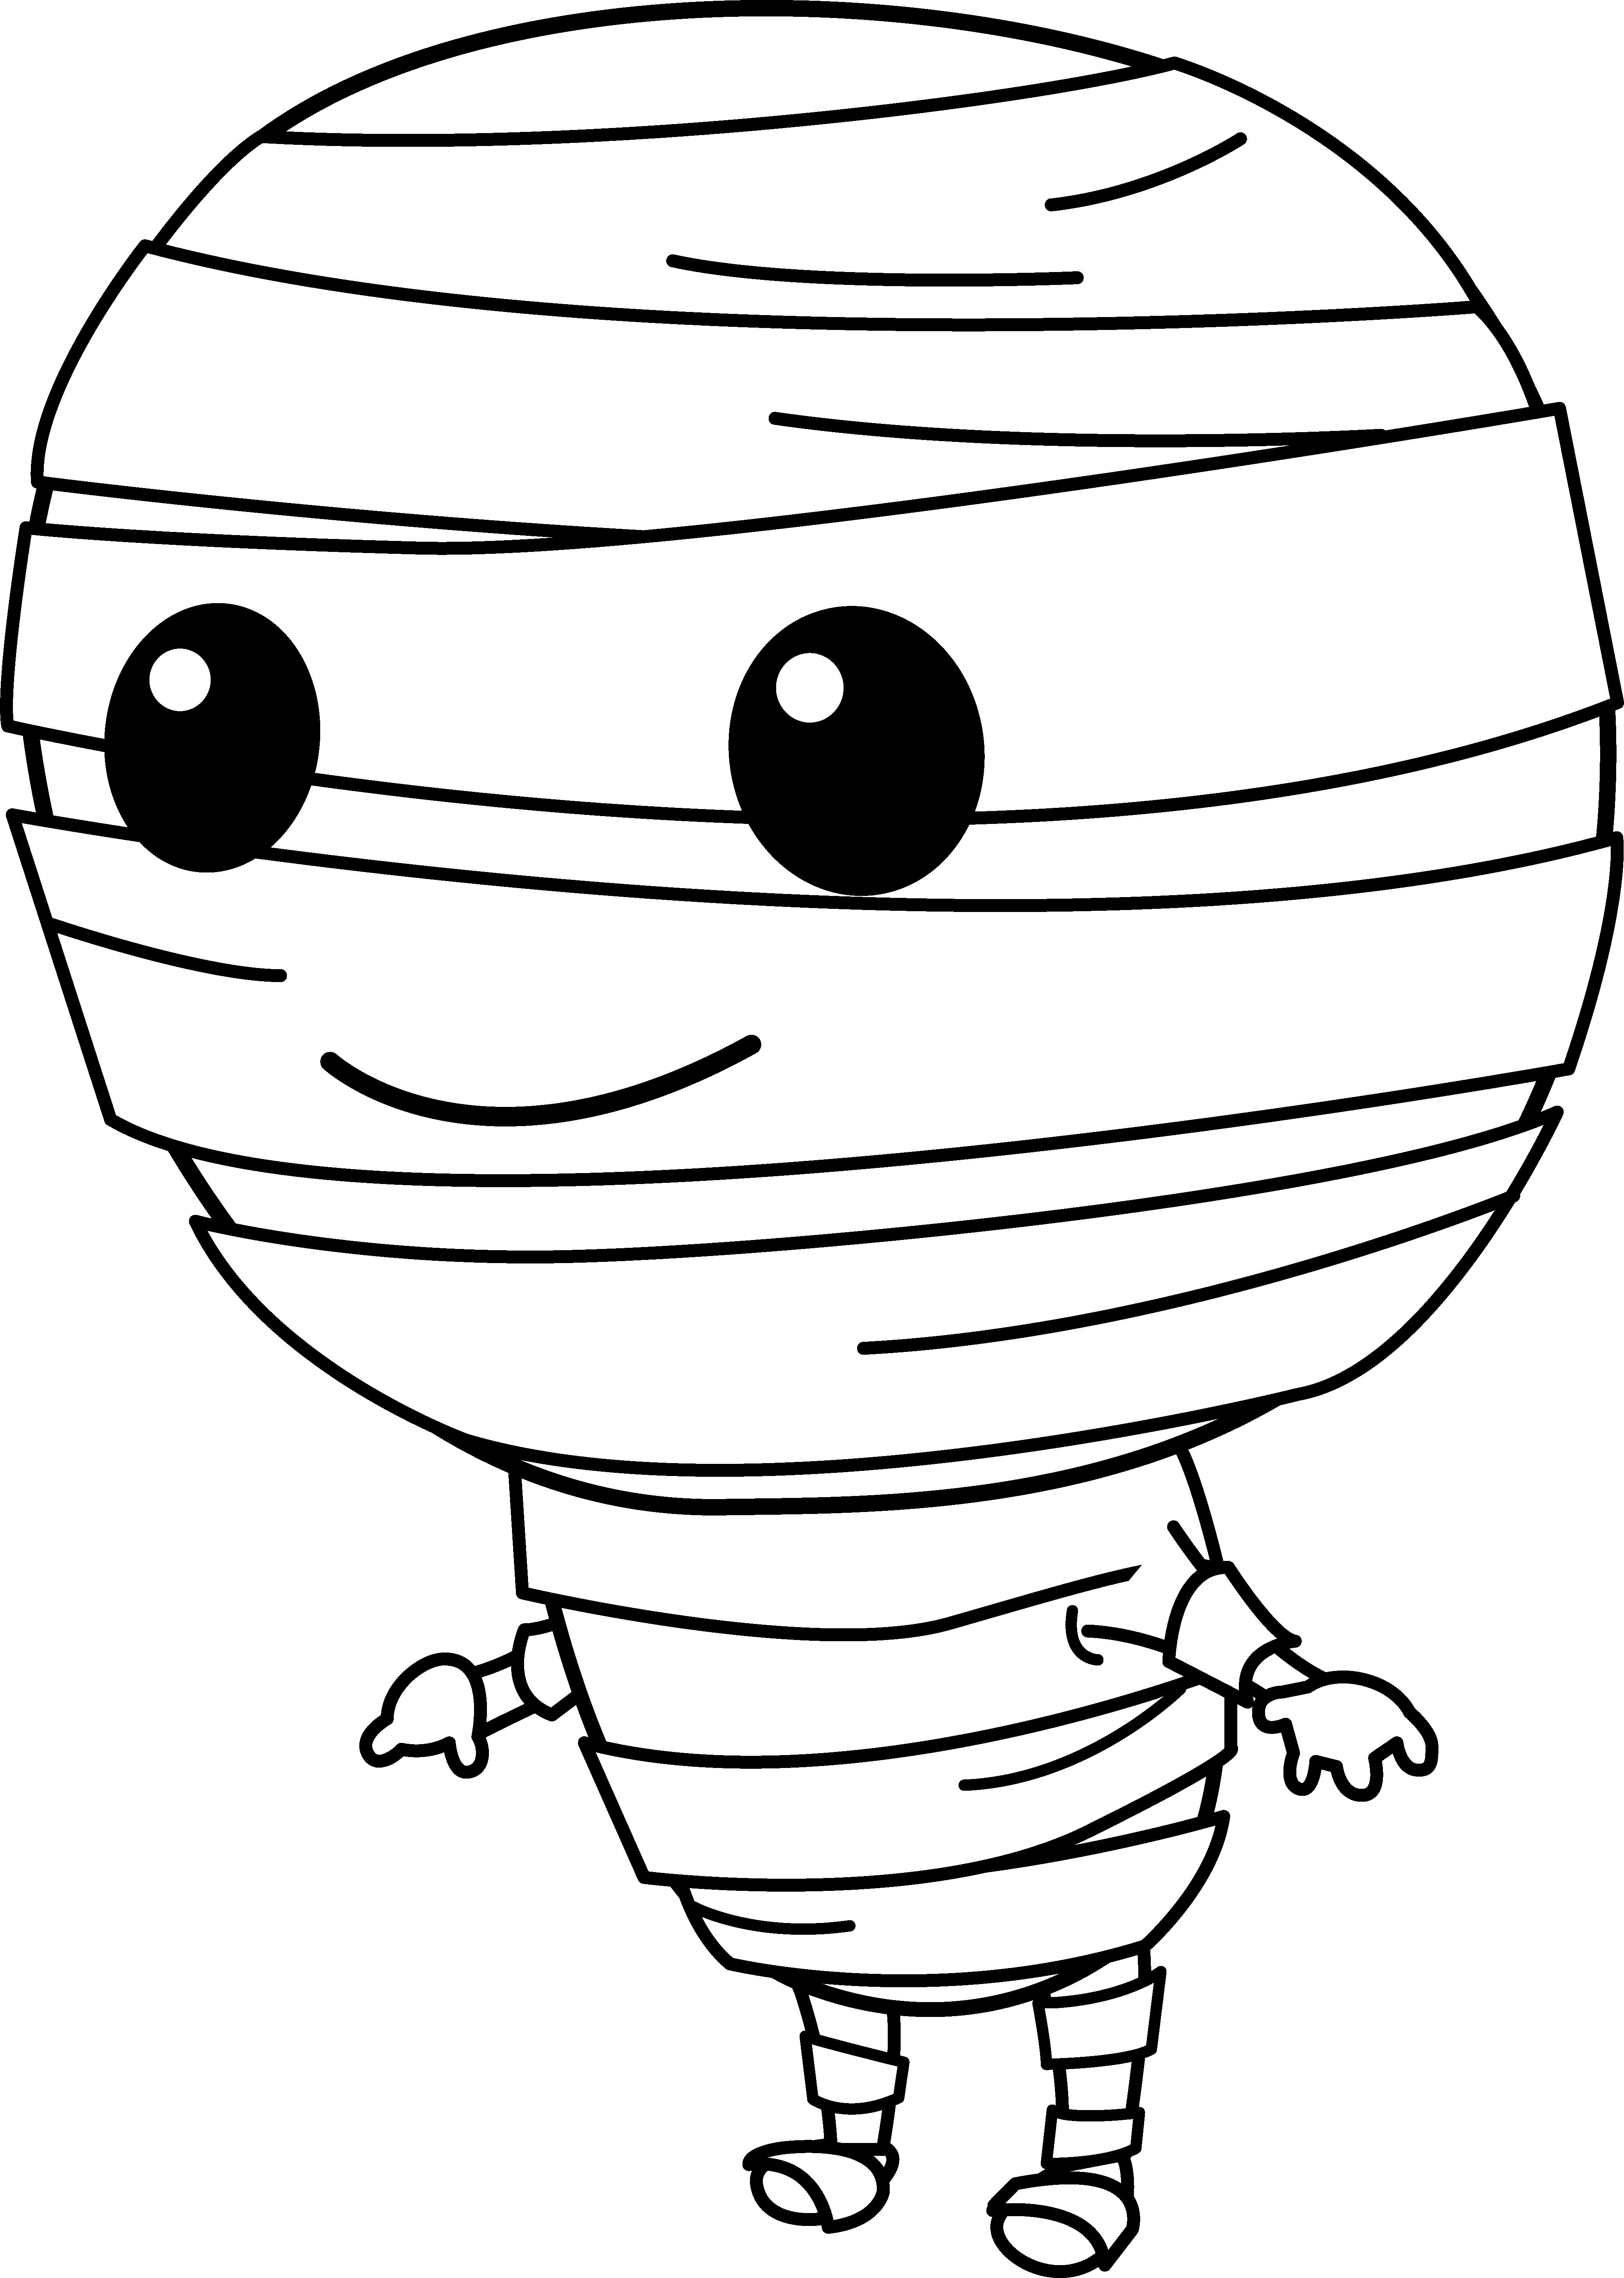 Panda free images mummyclipart. Mummy clipart kush